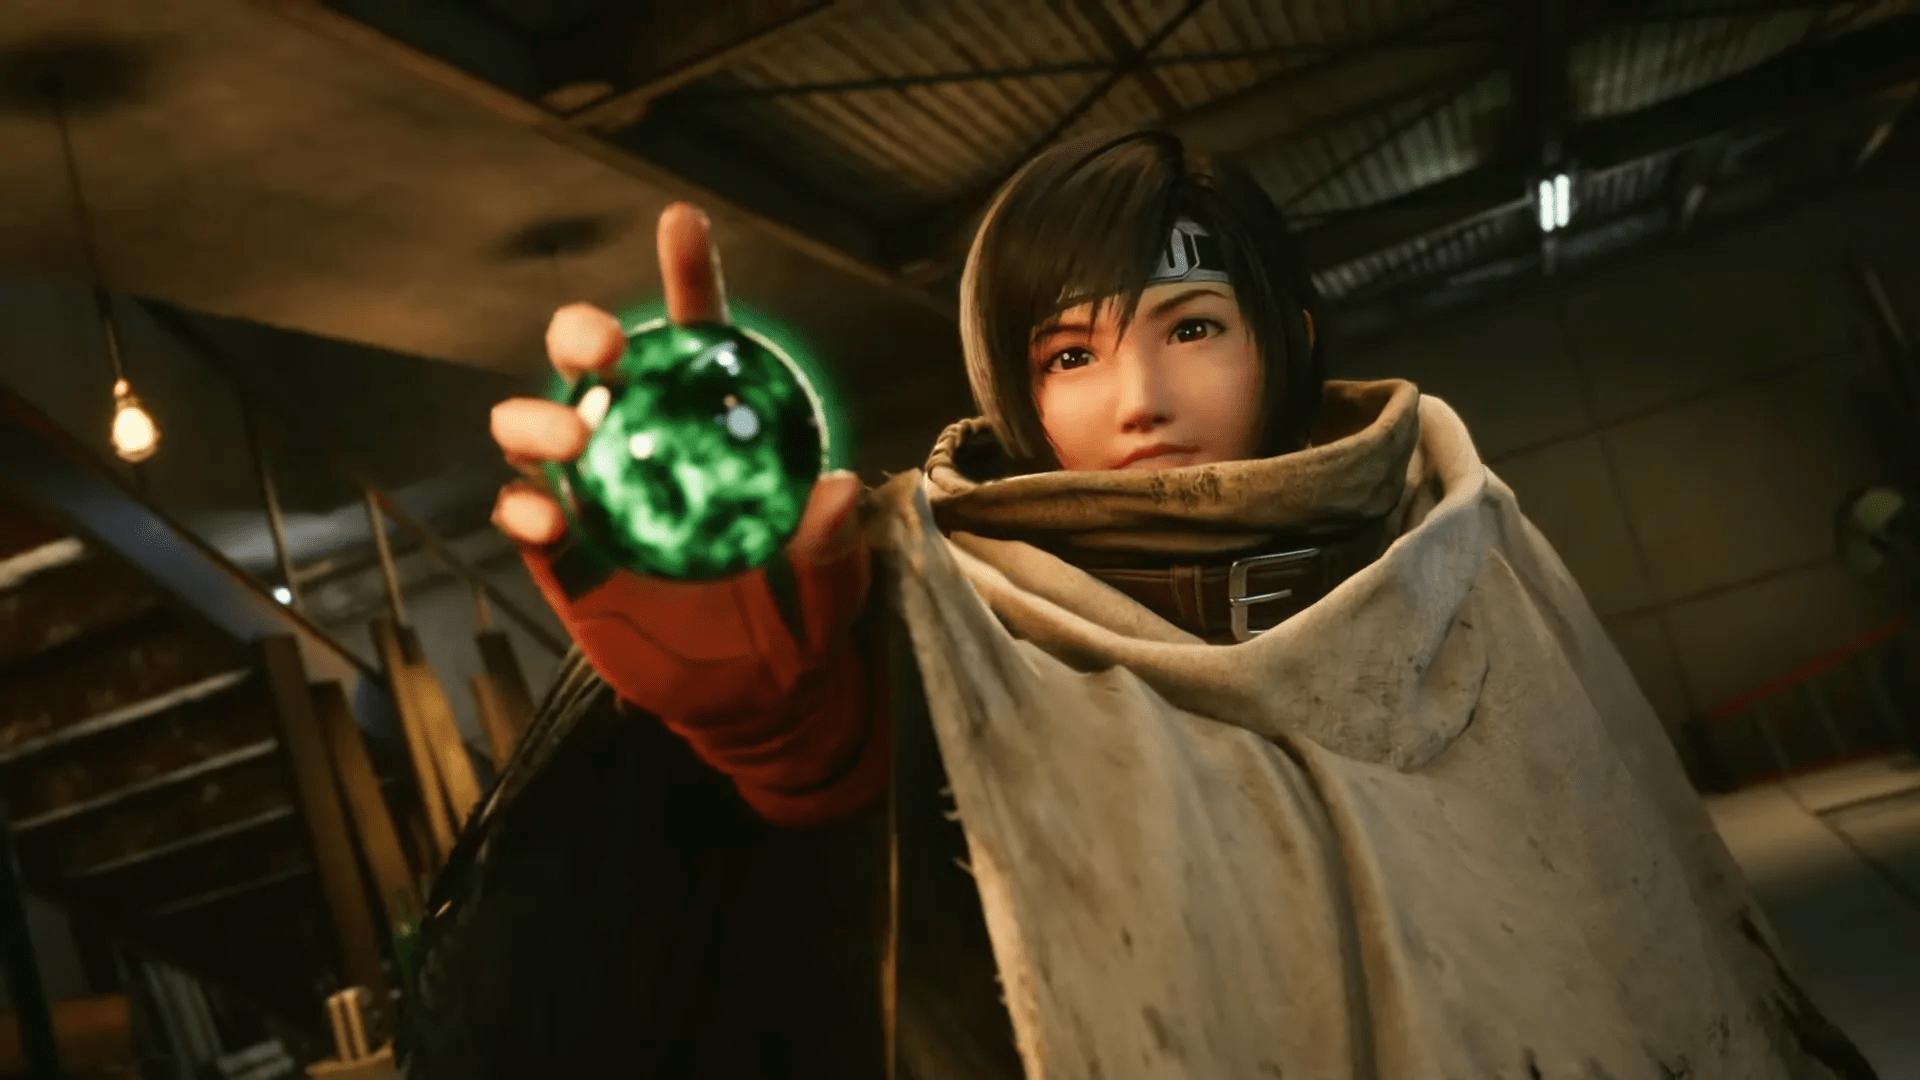 Yuffie Final Fantasy 7 Remake : Intergrade